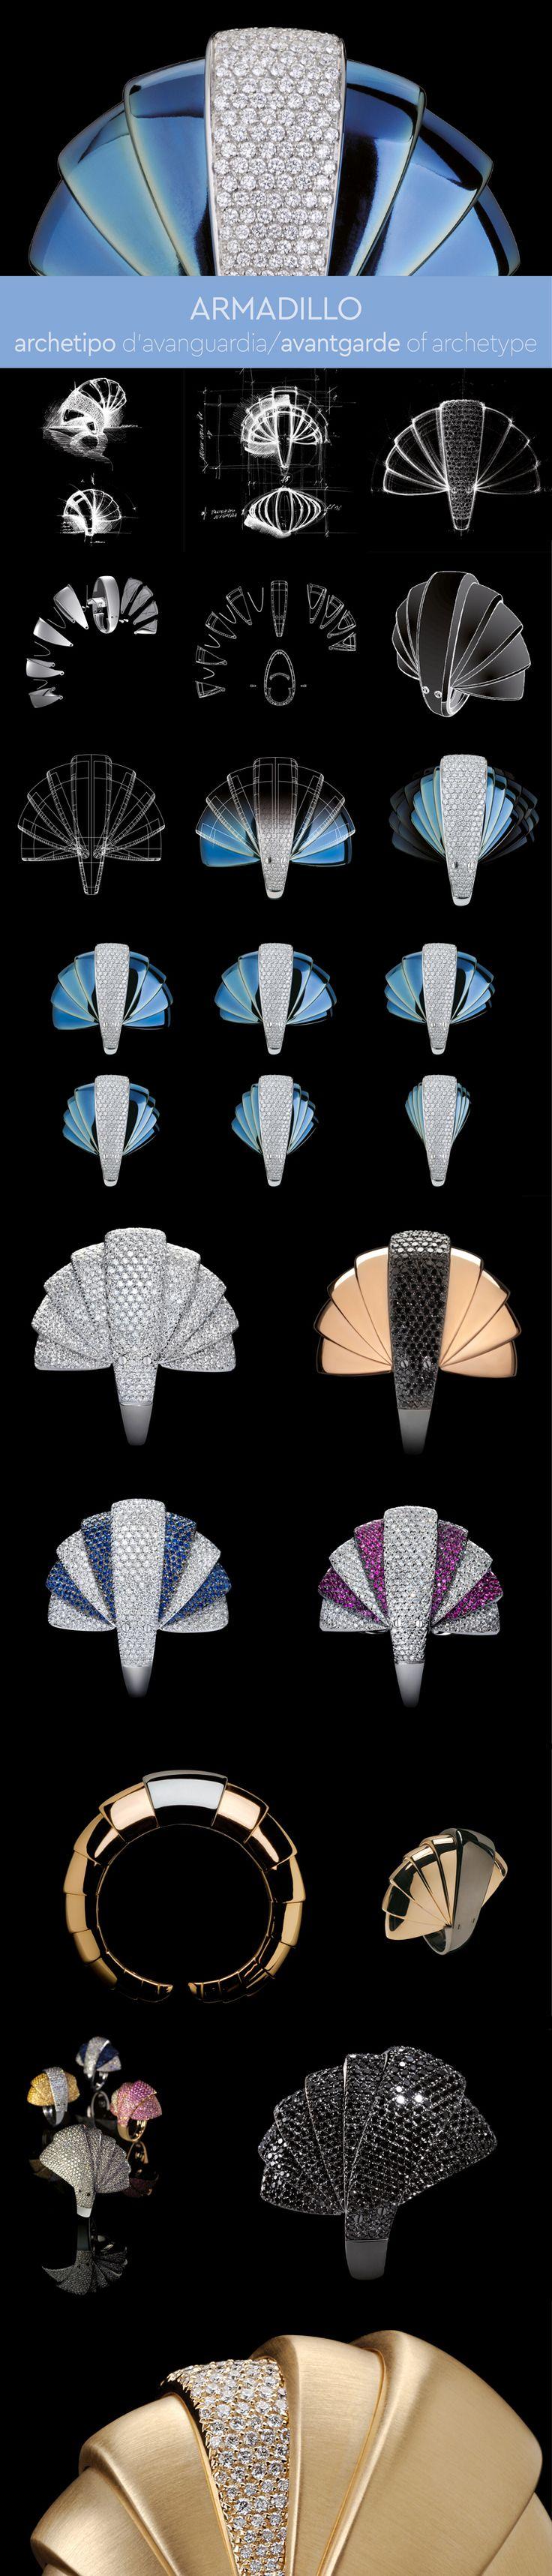 Massimiliano Bonoli - Project Design Jewelry